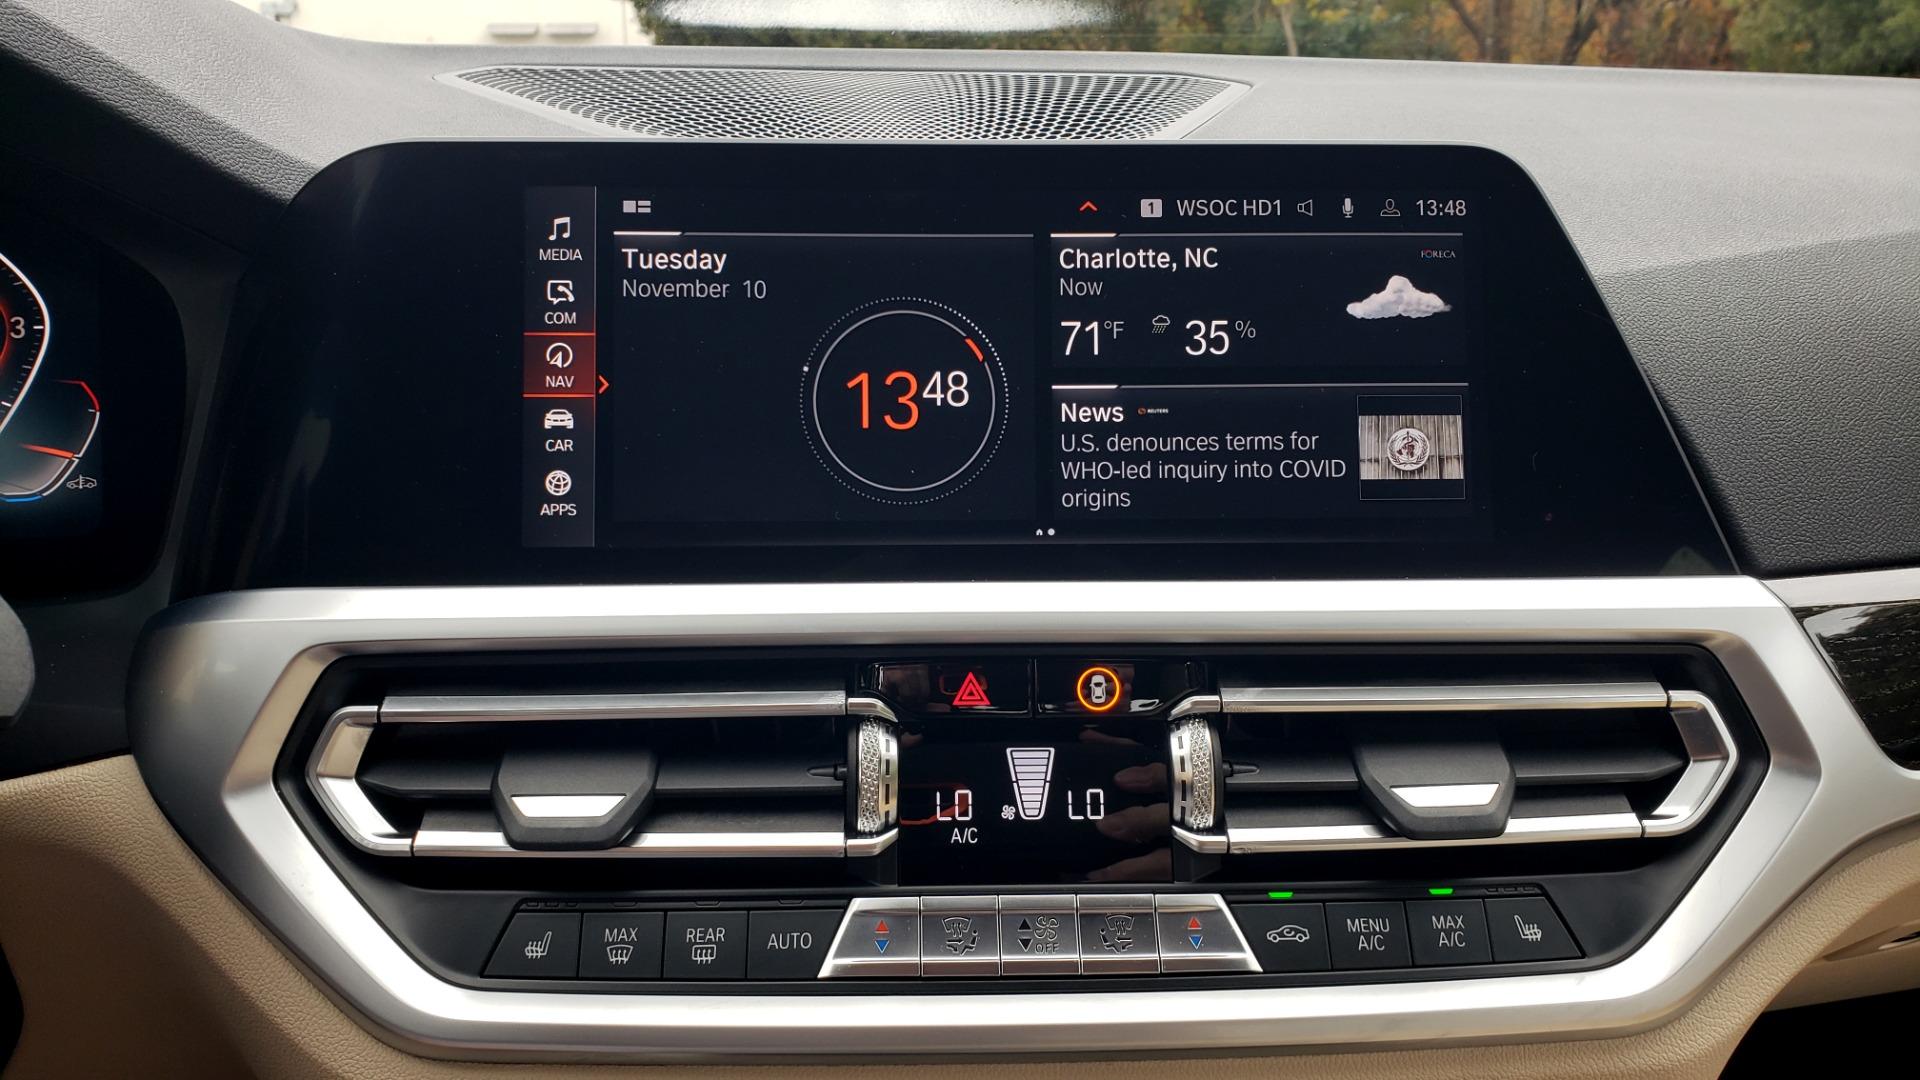 Used 2019 BMW 3 SERIES 330I PREM PKG / NAV / CONV PKG / H&K SND / LIVE COCKPIT PRO for sale Sold at Formula Imports in Charlotte NC 28227 46